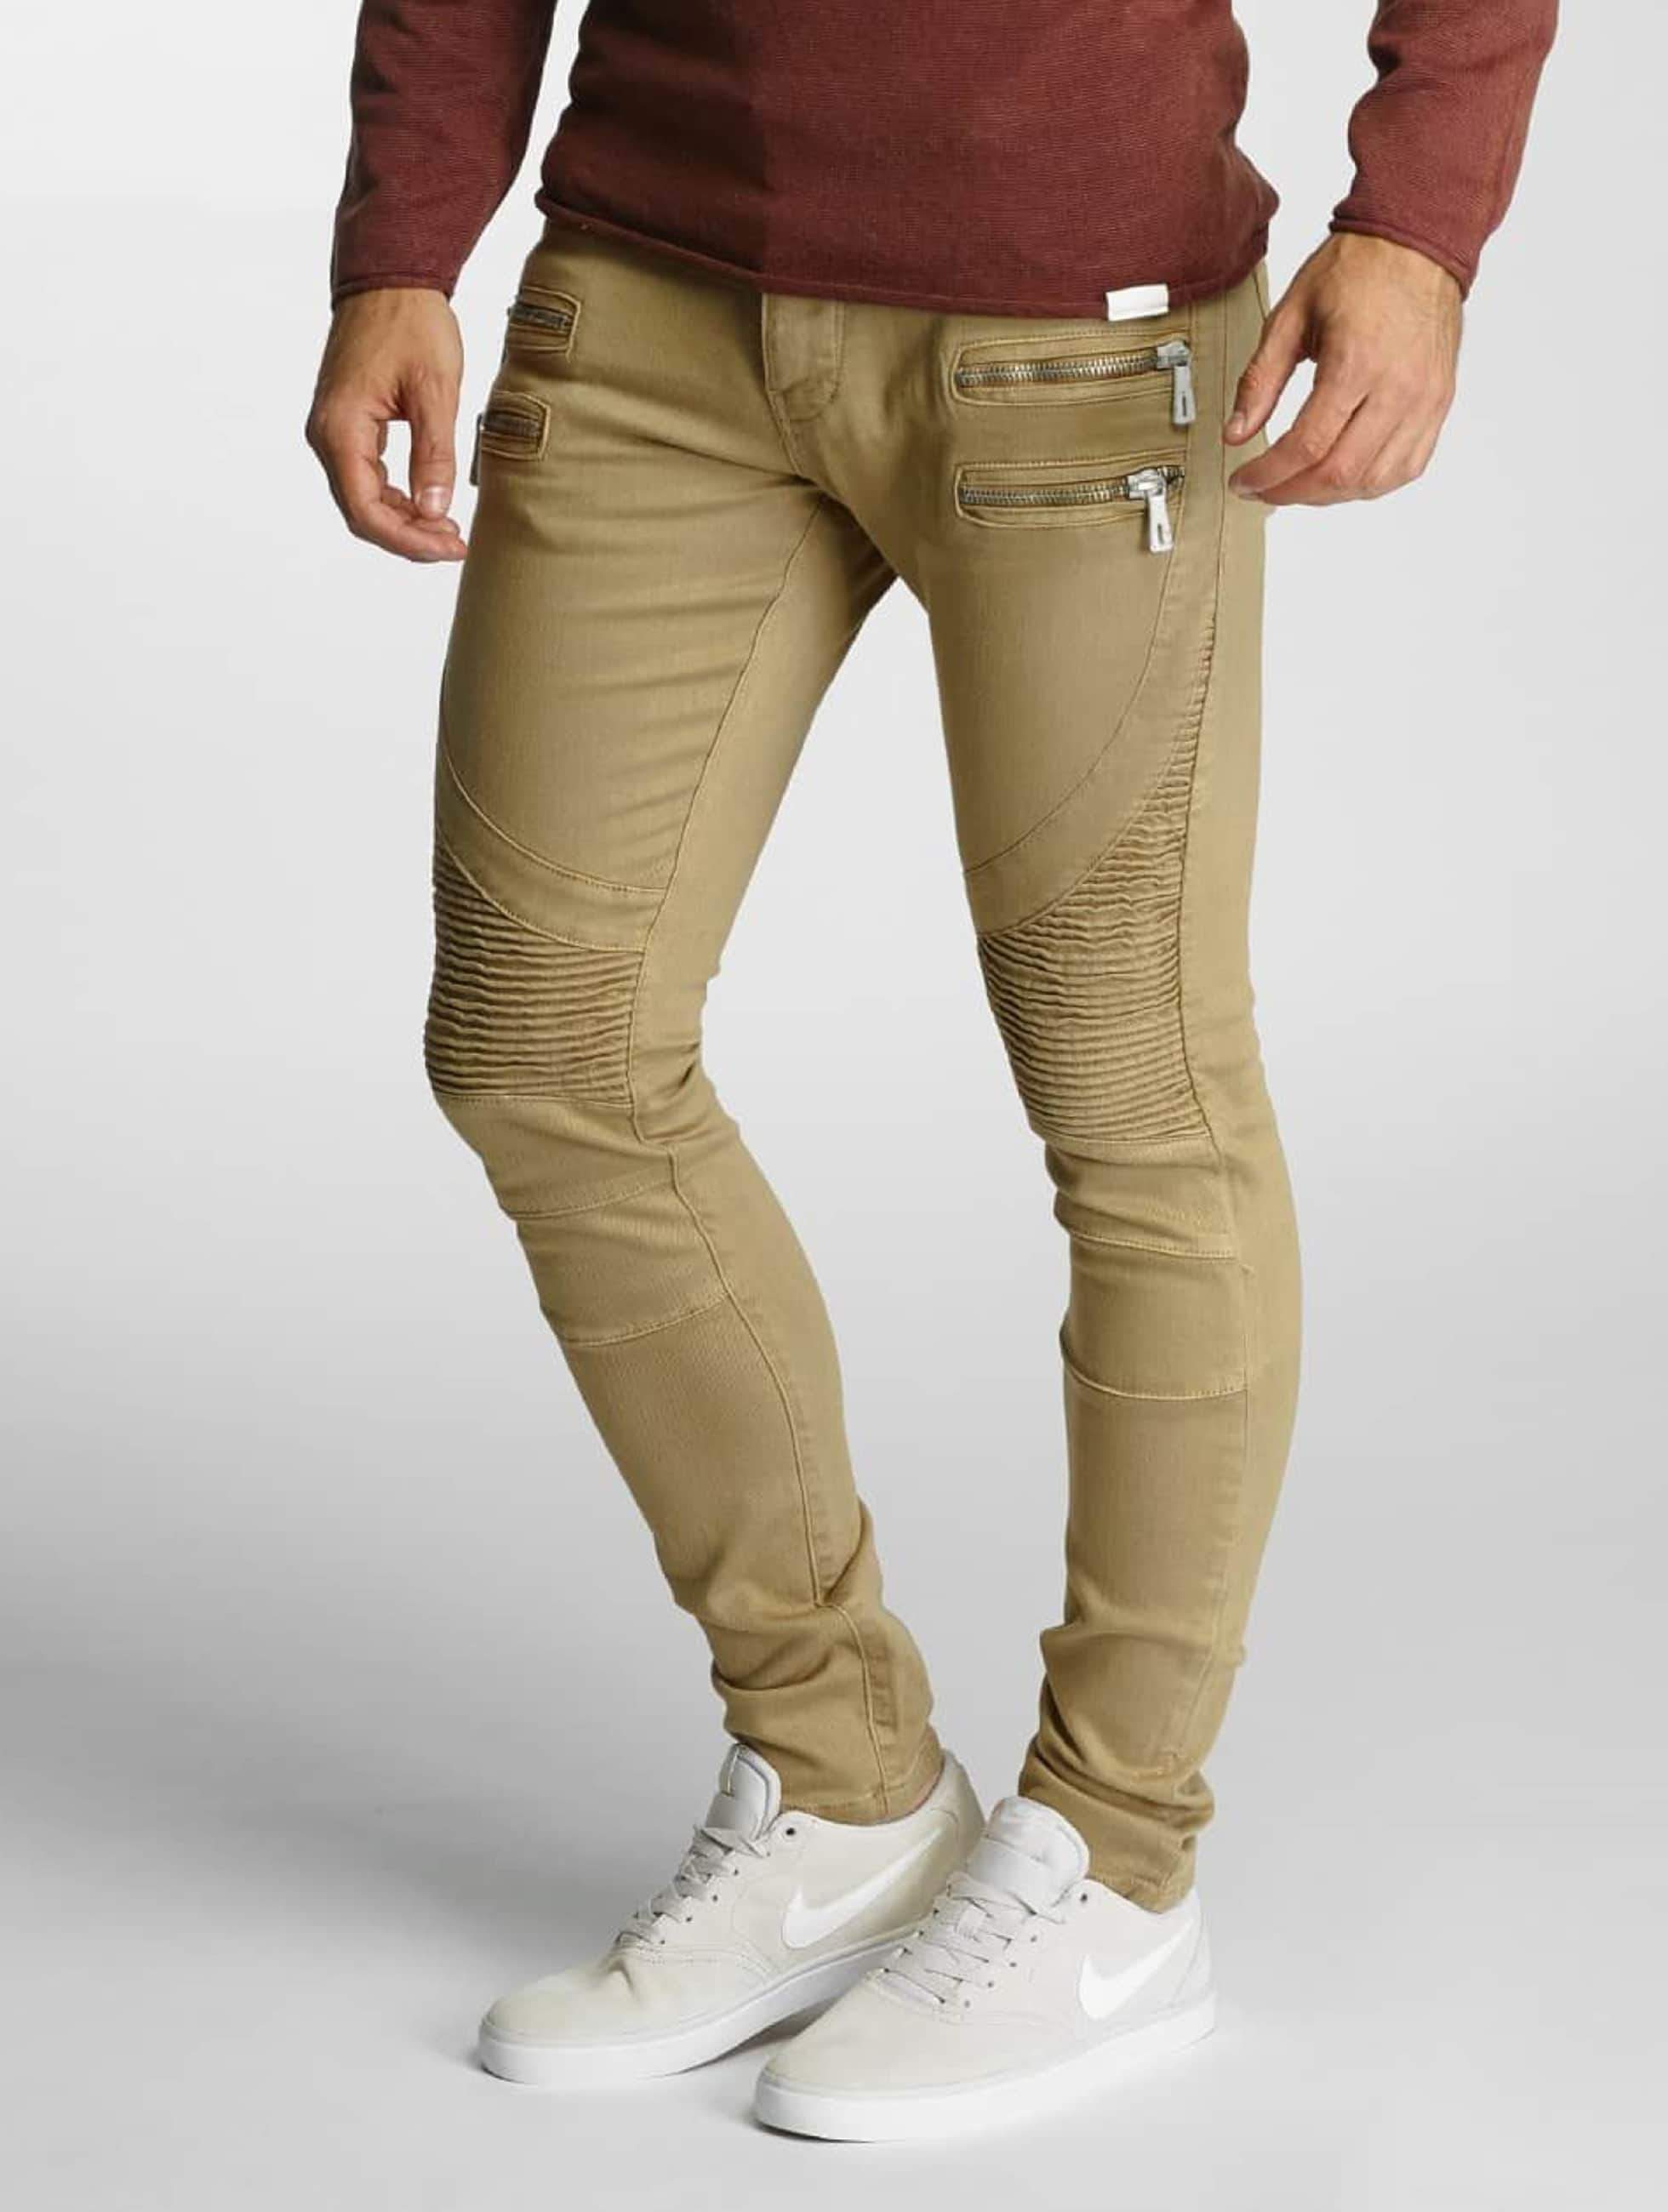 2Y / Slim Fit Jeans Savage in khaki W 36